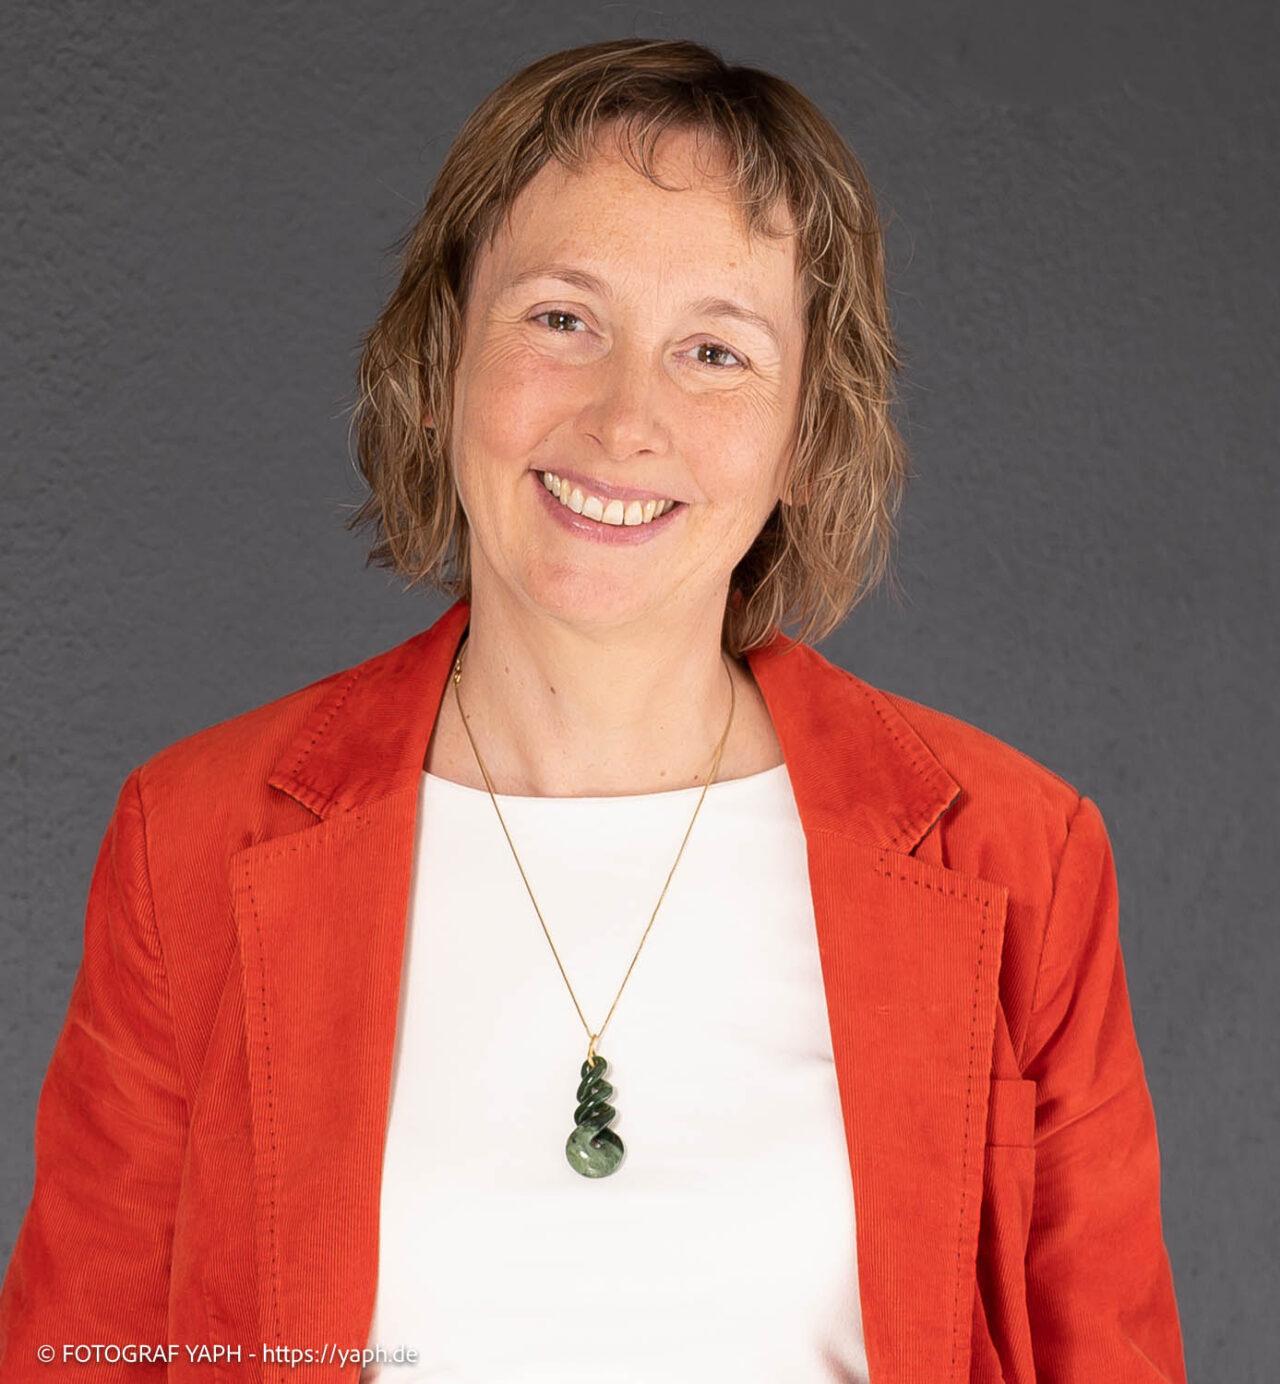 Katja - Bewerbungsfotos und Business Portraits in Fotostudio von Fotograf Trier Yaph